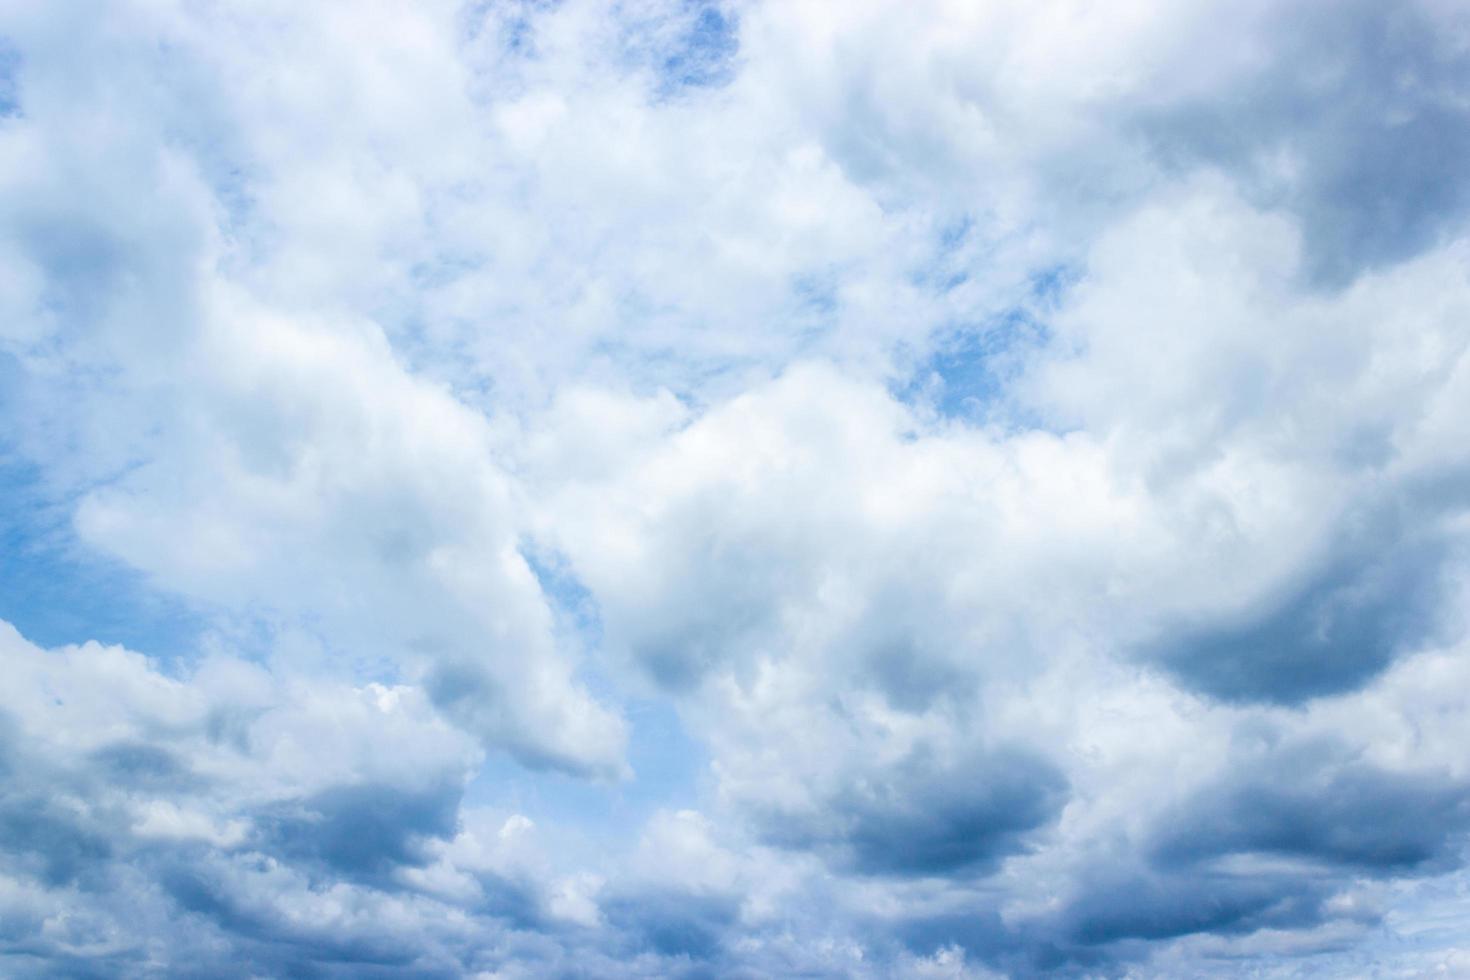 cielo azul y nubes blancas foto